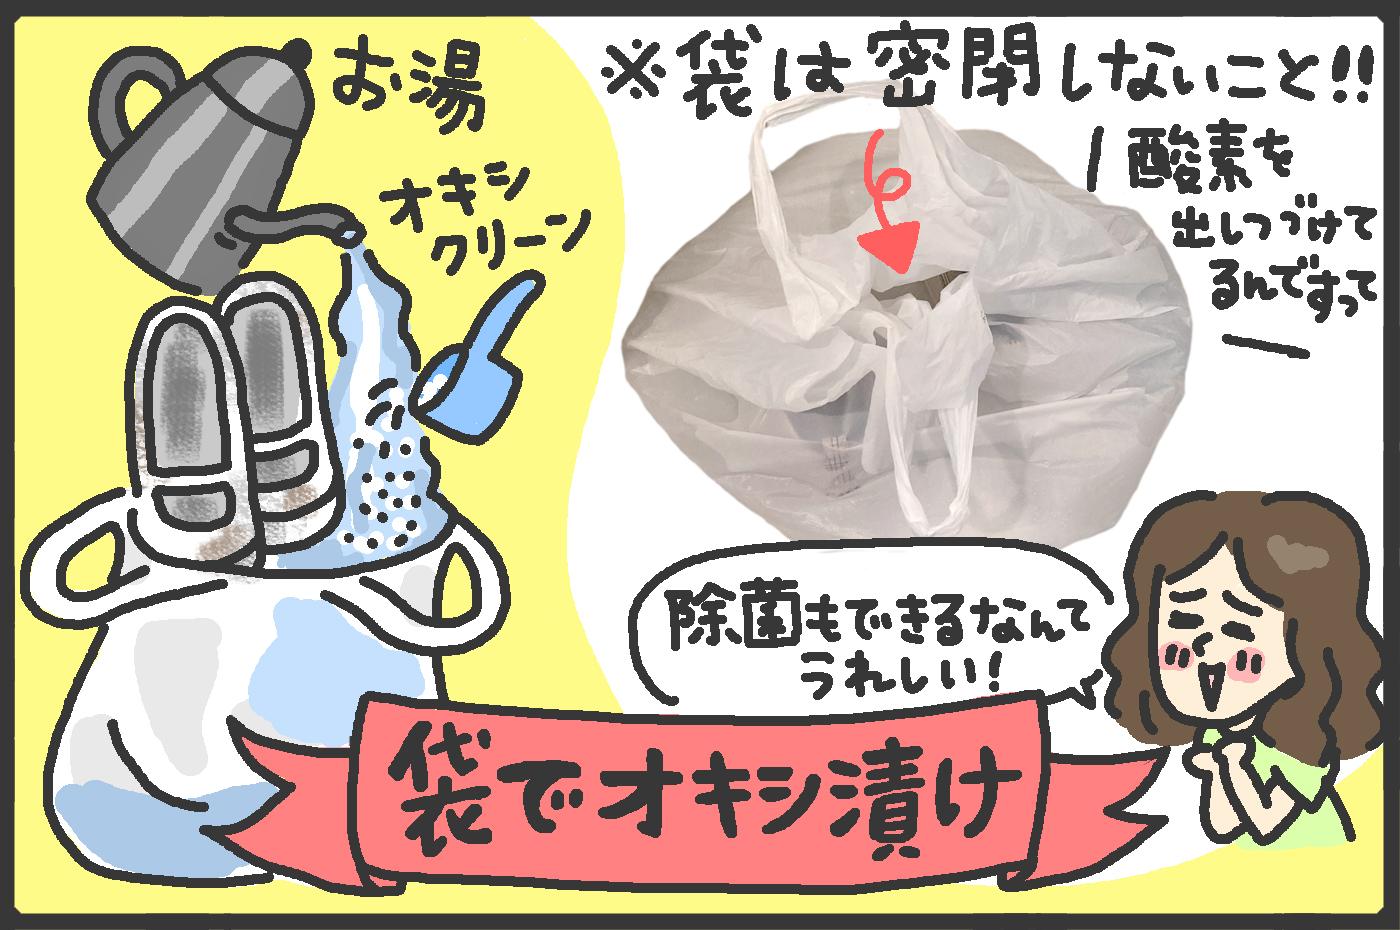 梅雨時期に気になる臭いをどうにかしたい、オキシ漬けで除菌&消臭を試してみた!【メンズかーちゃん~うちのやんちゃで愛おしいおさるさんの物語~ 第87回】